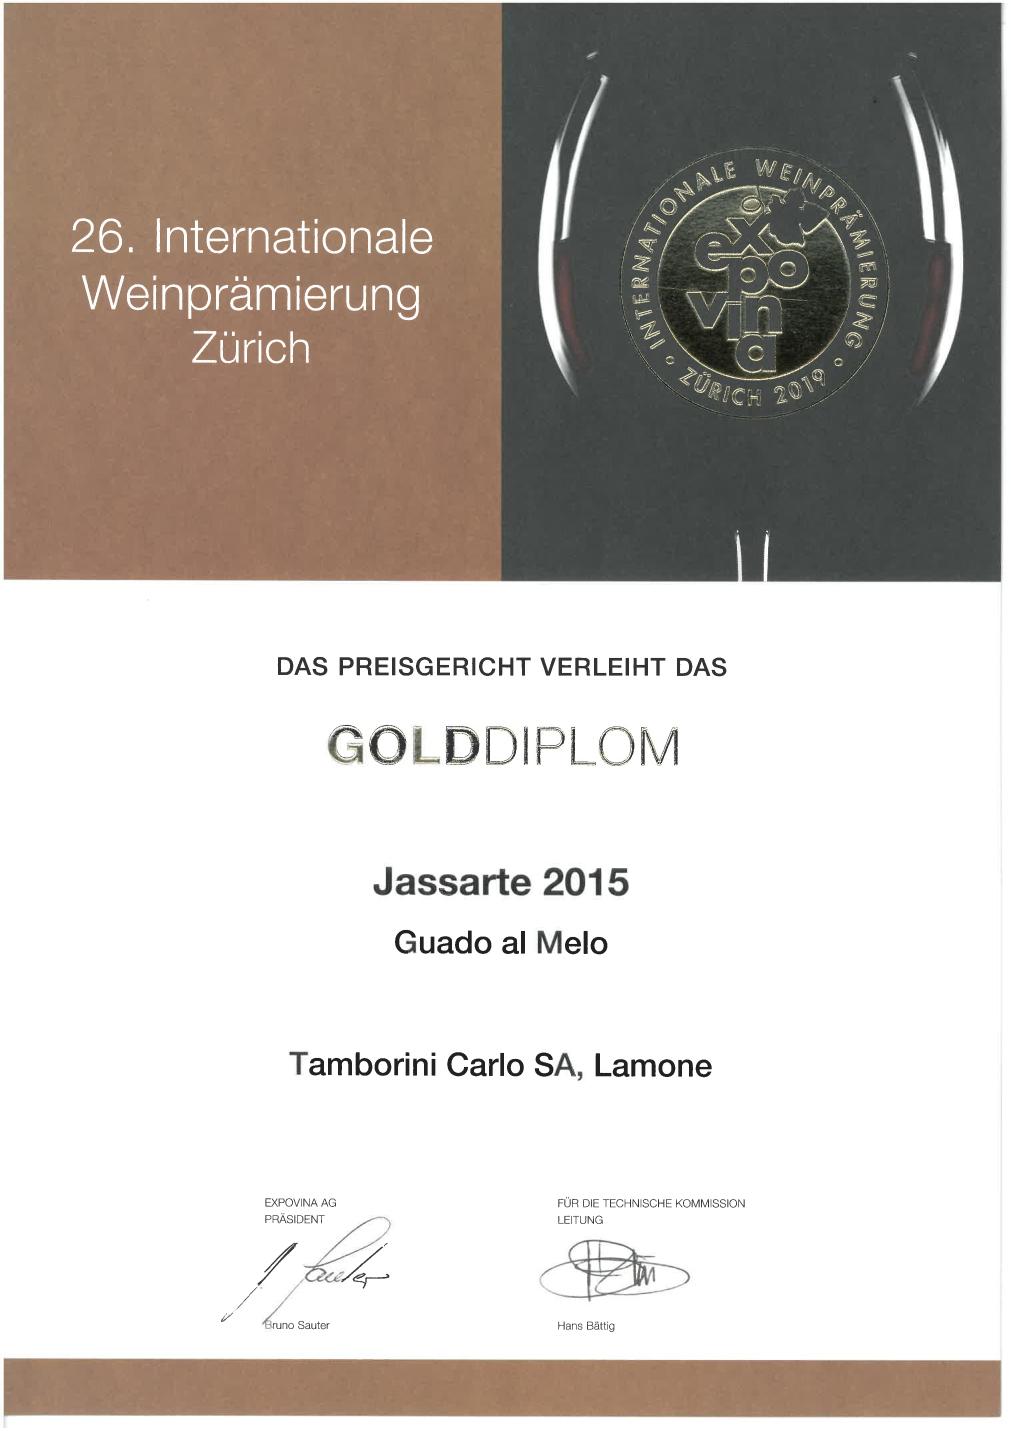 Jassarte 2015 - Expovina 2019